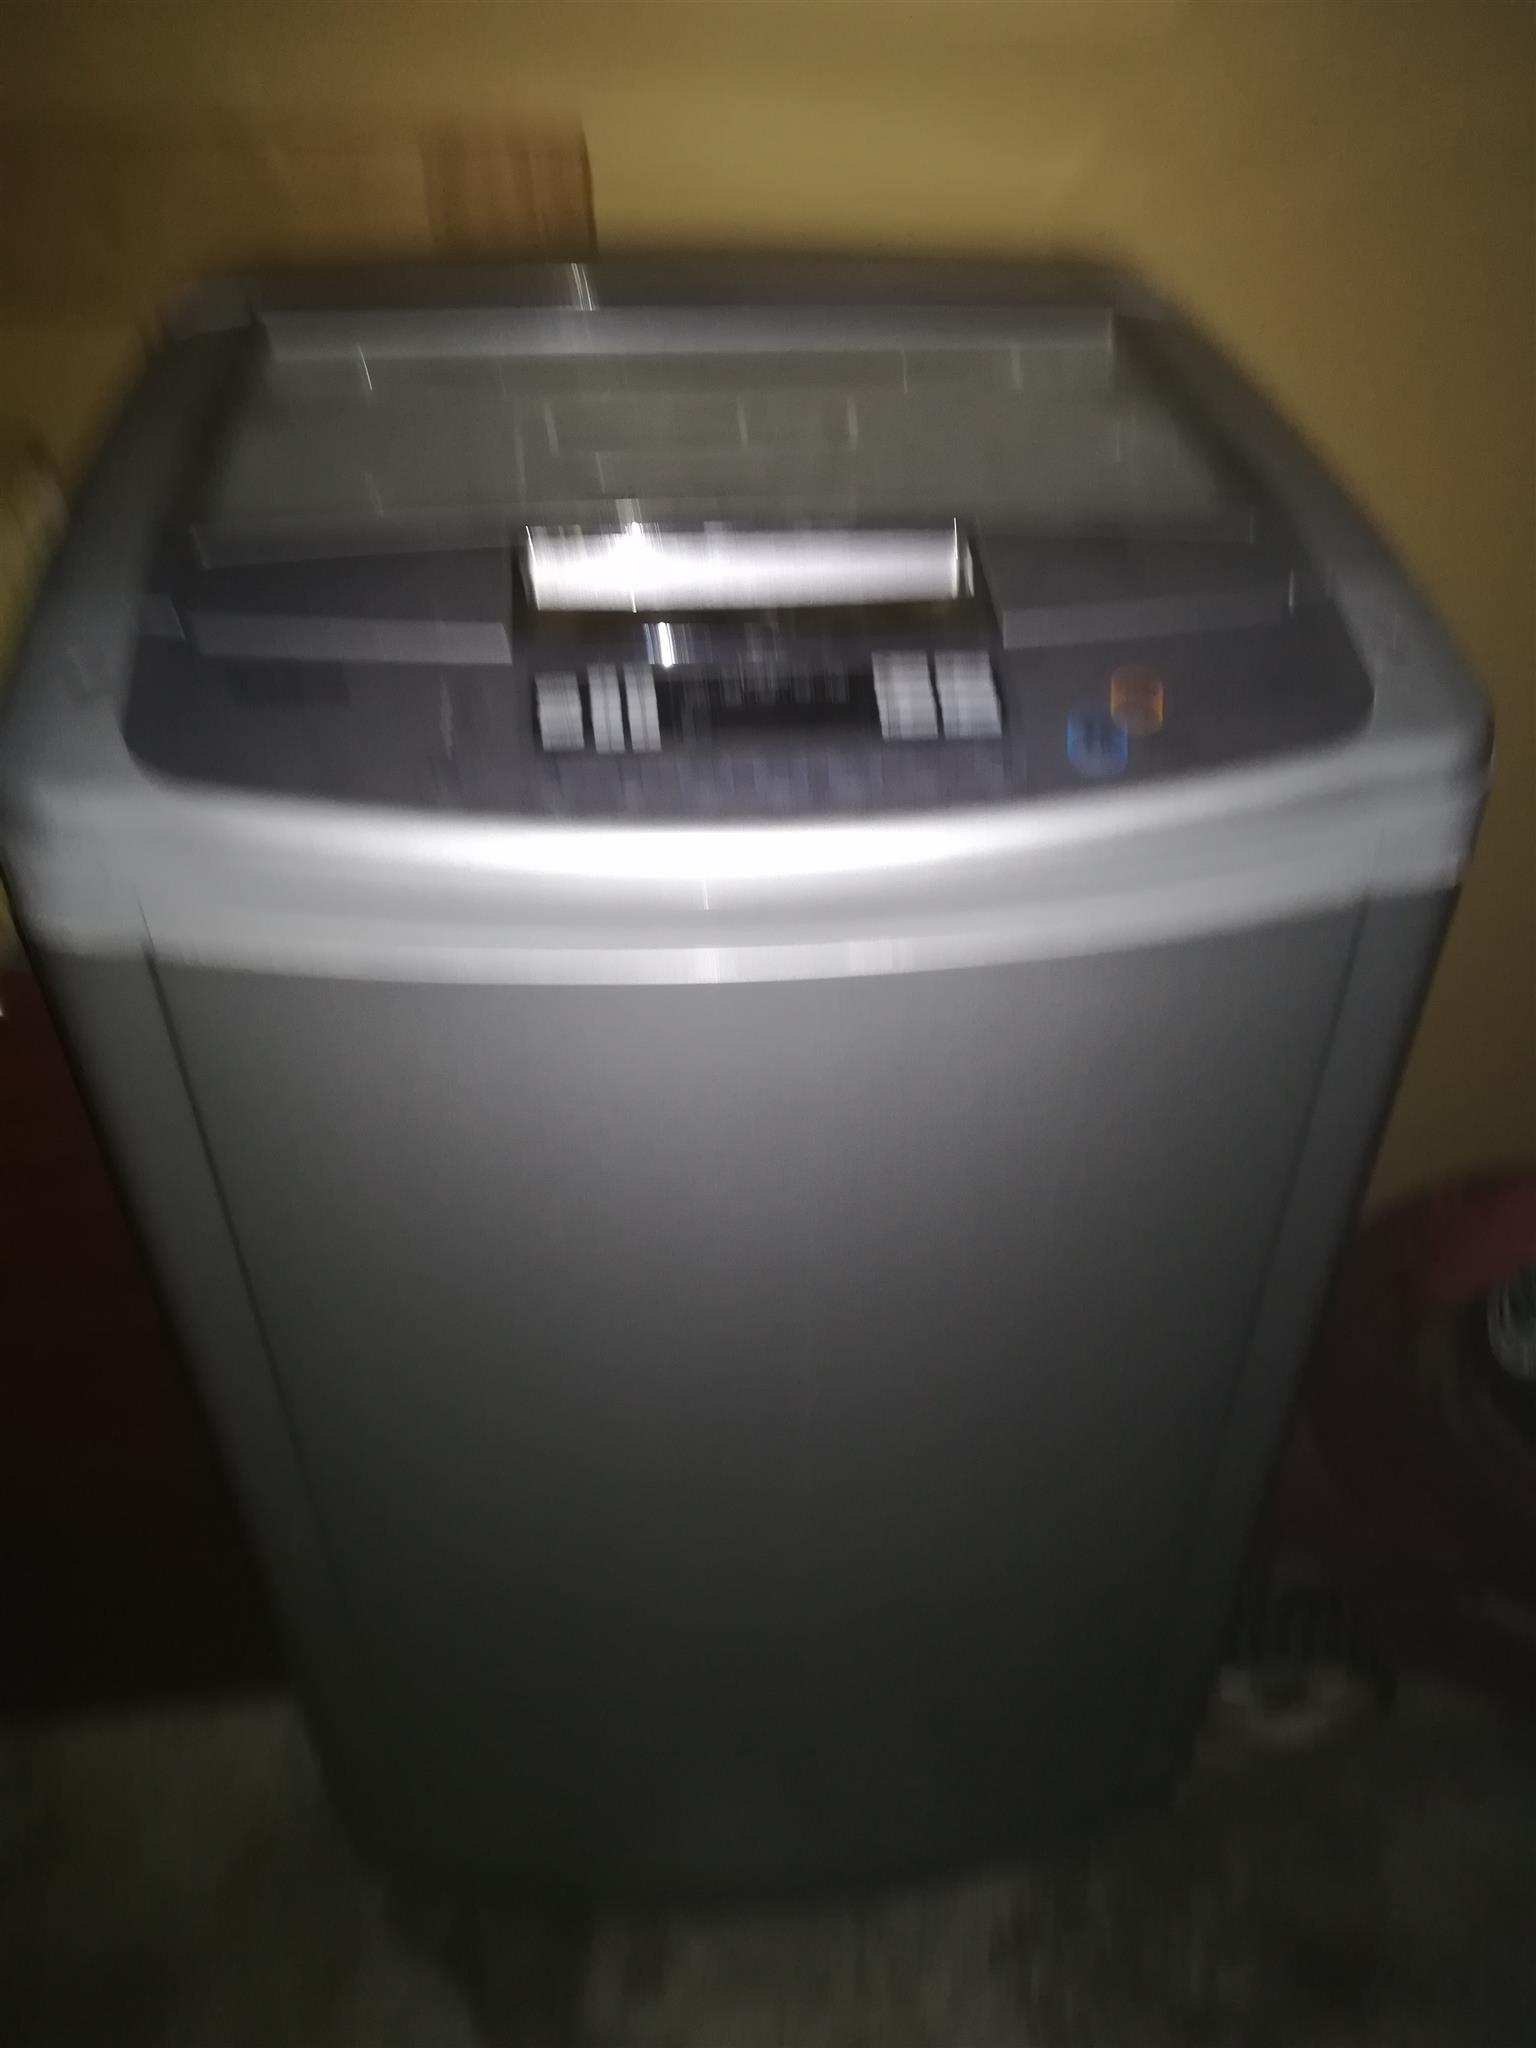 LG 13 kg top loader washing machine